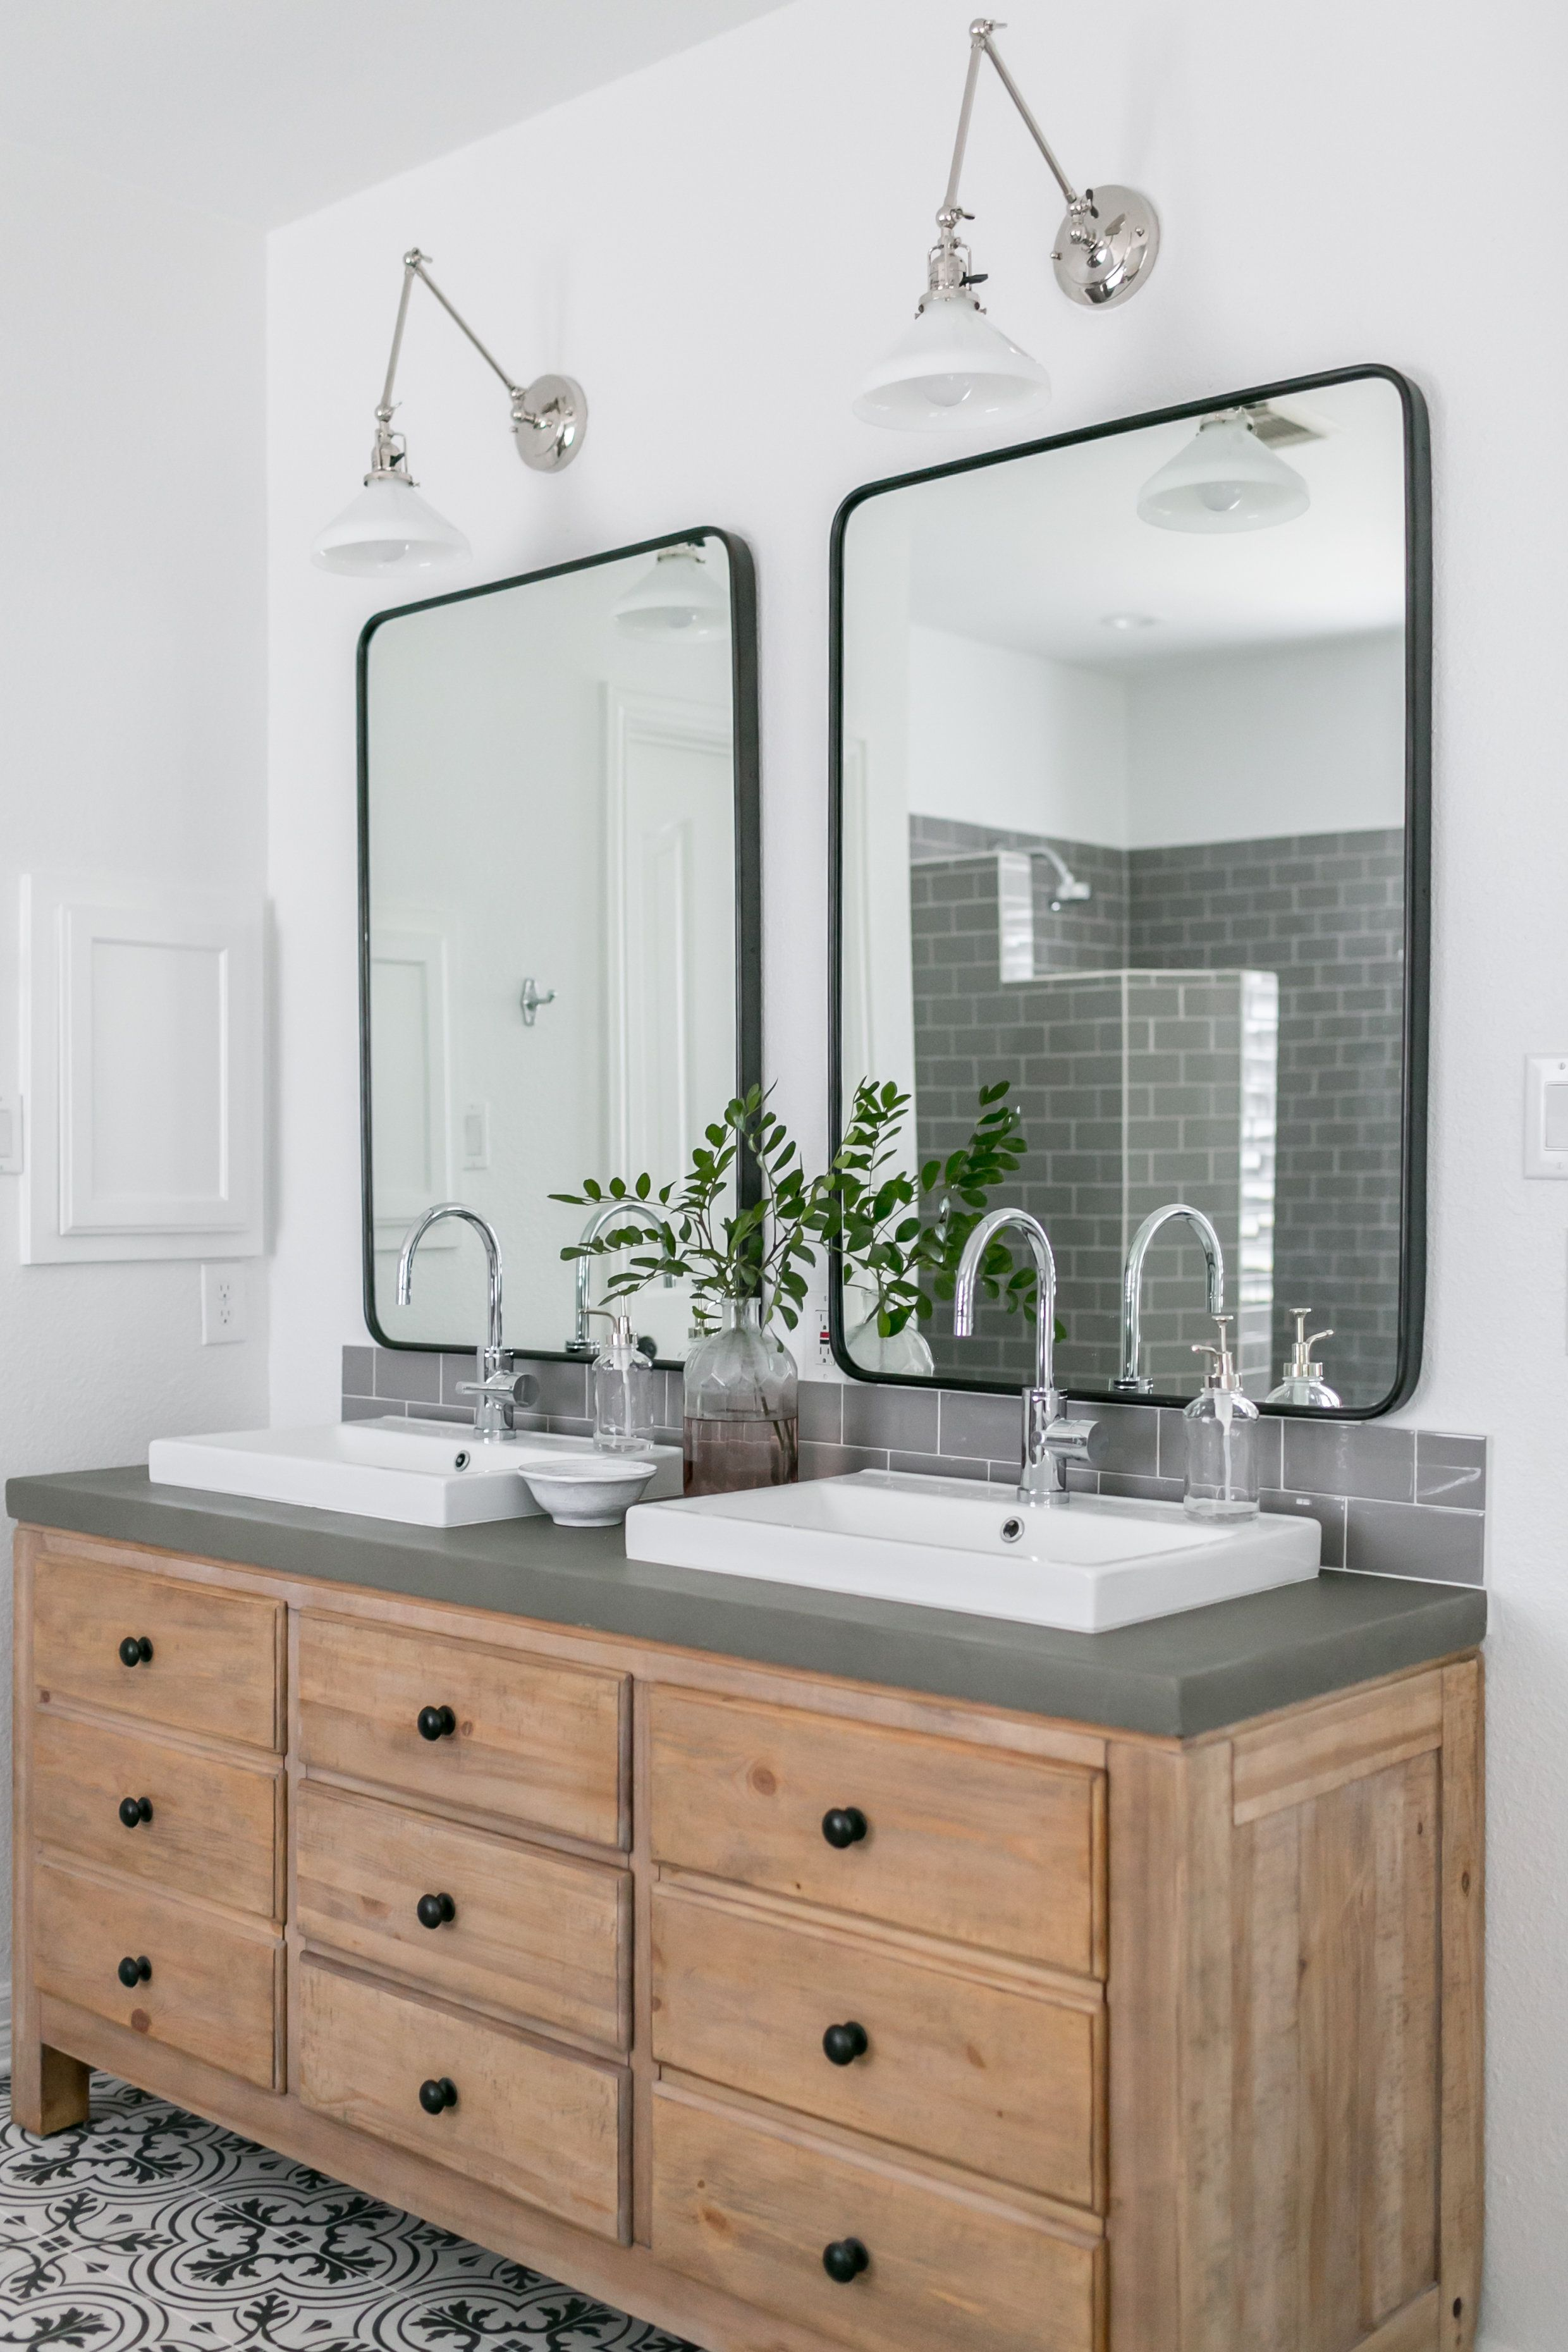 Idée Meuble Salle De Bain salle de bain campagne industriel : budget déco style